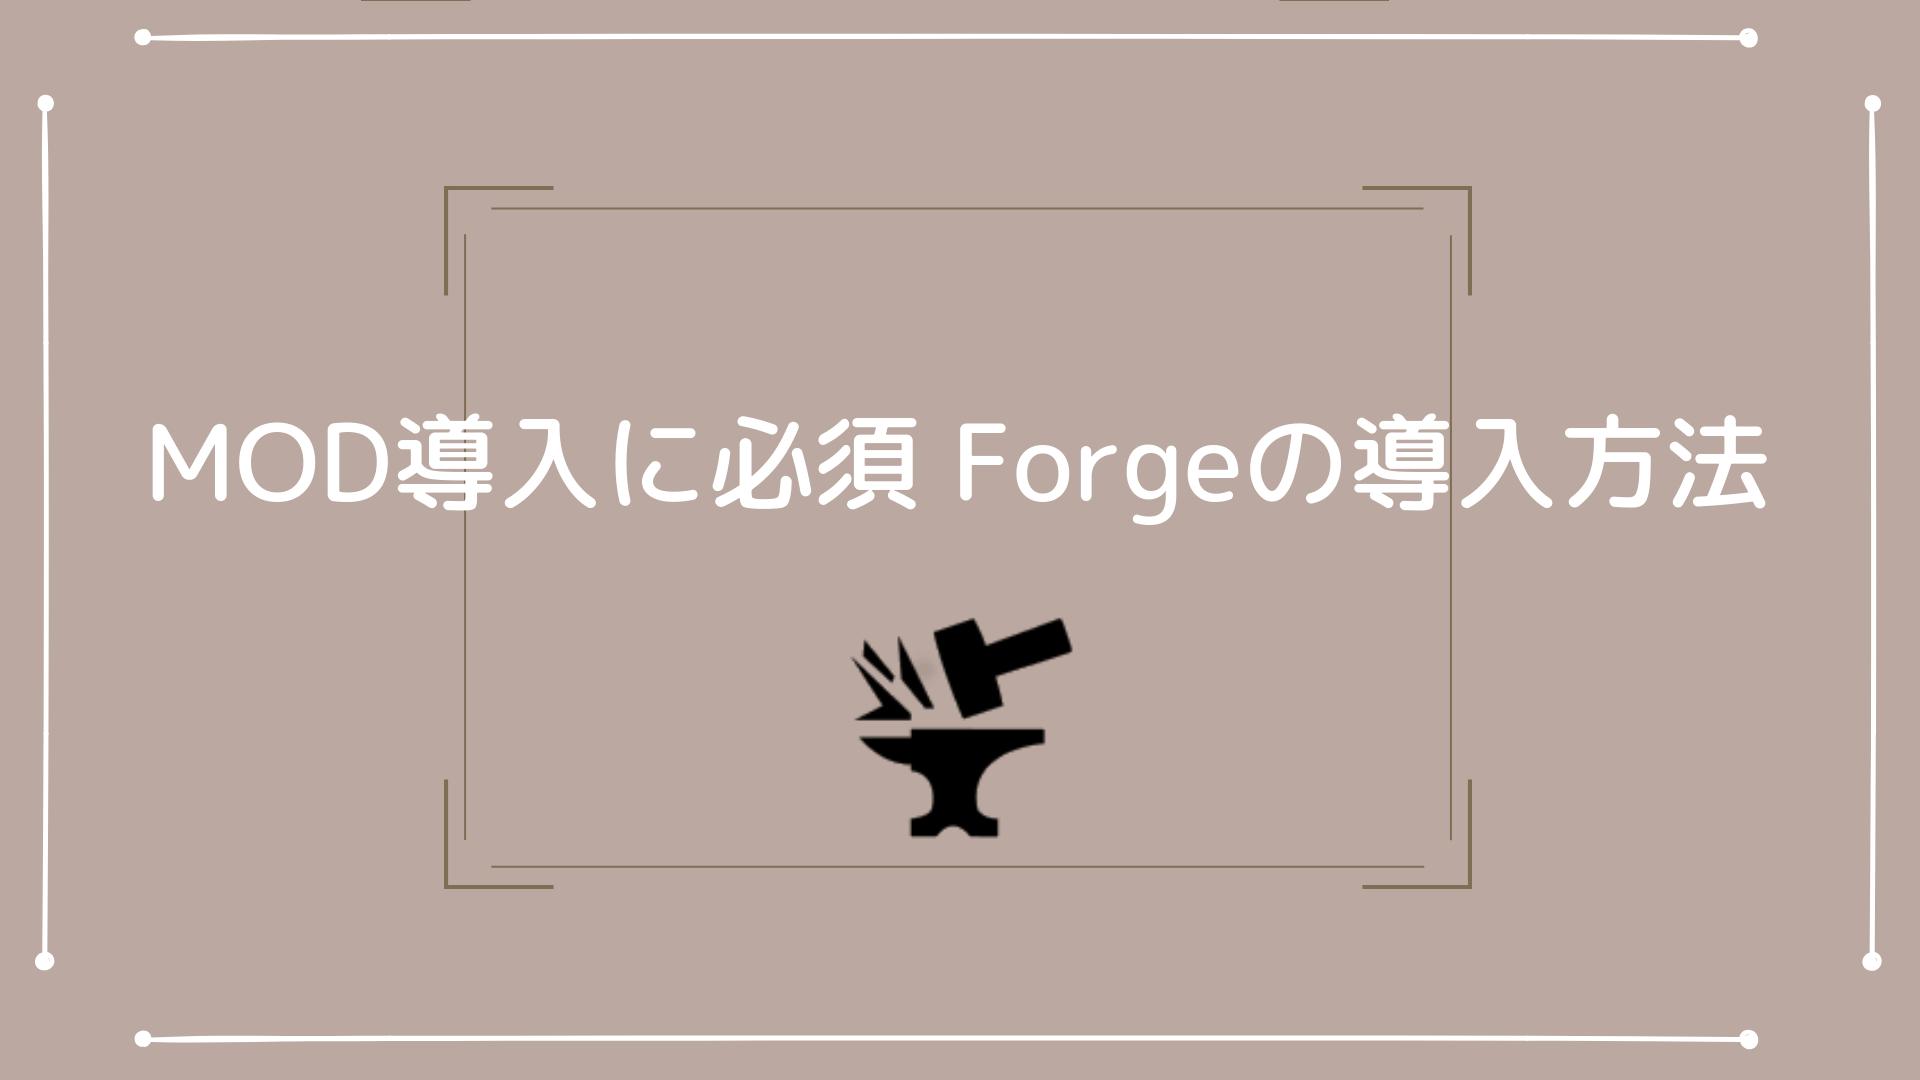 マイクラ forge 入れ 方